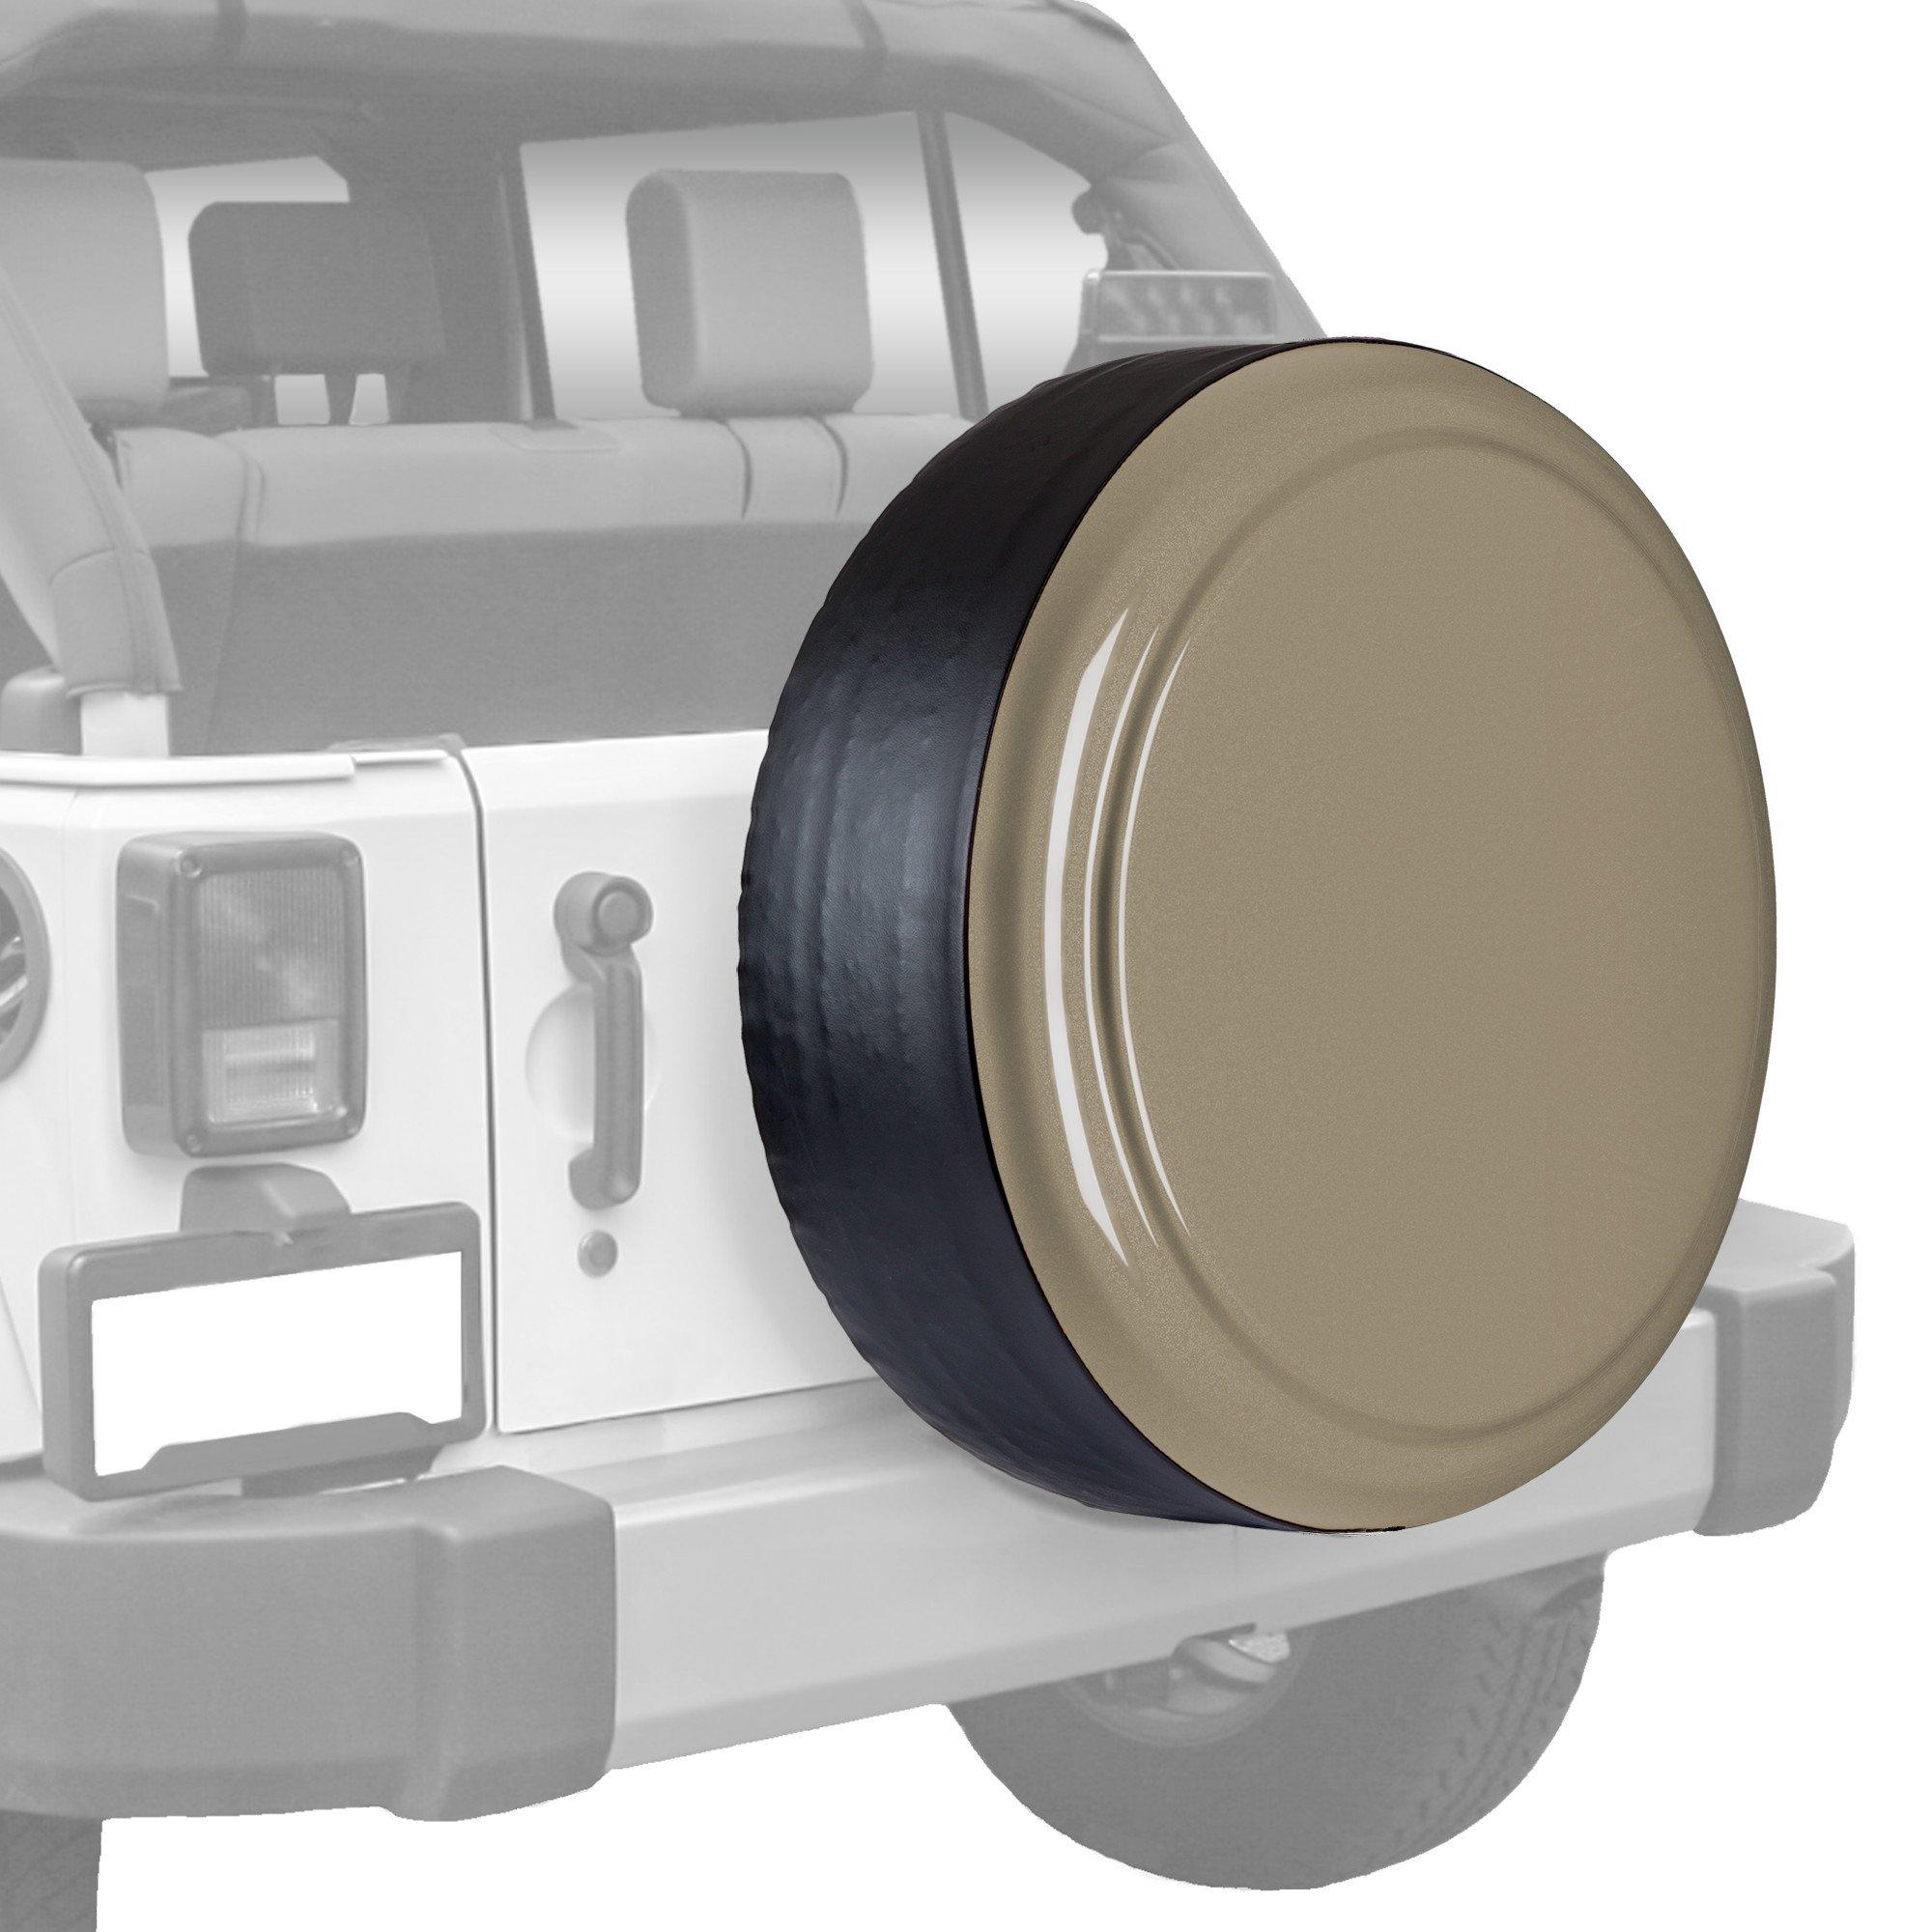 Boomerang Jeep Wrangler (JK) - 32'' Color Matched Rigid Tire Cover (Plastic Face & Vinyl Band) - Gobi